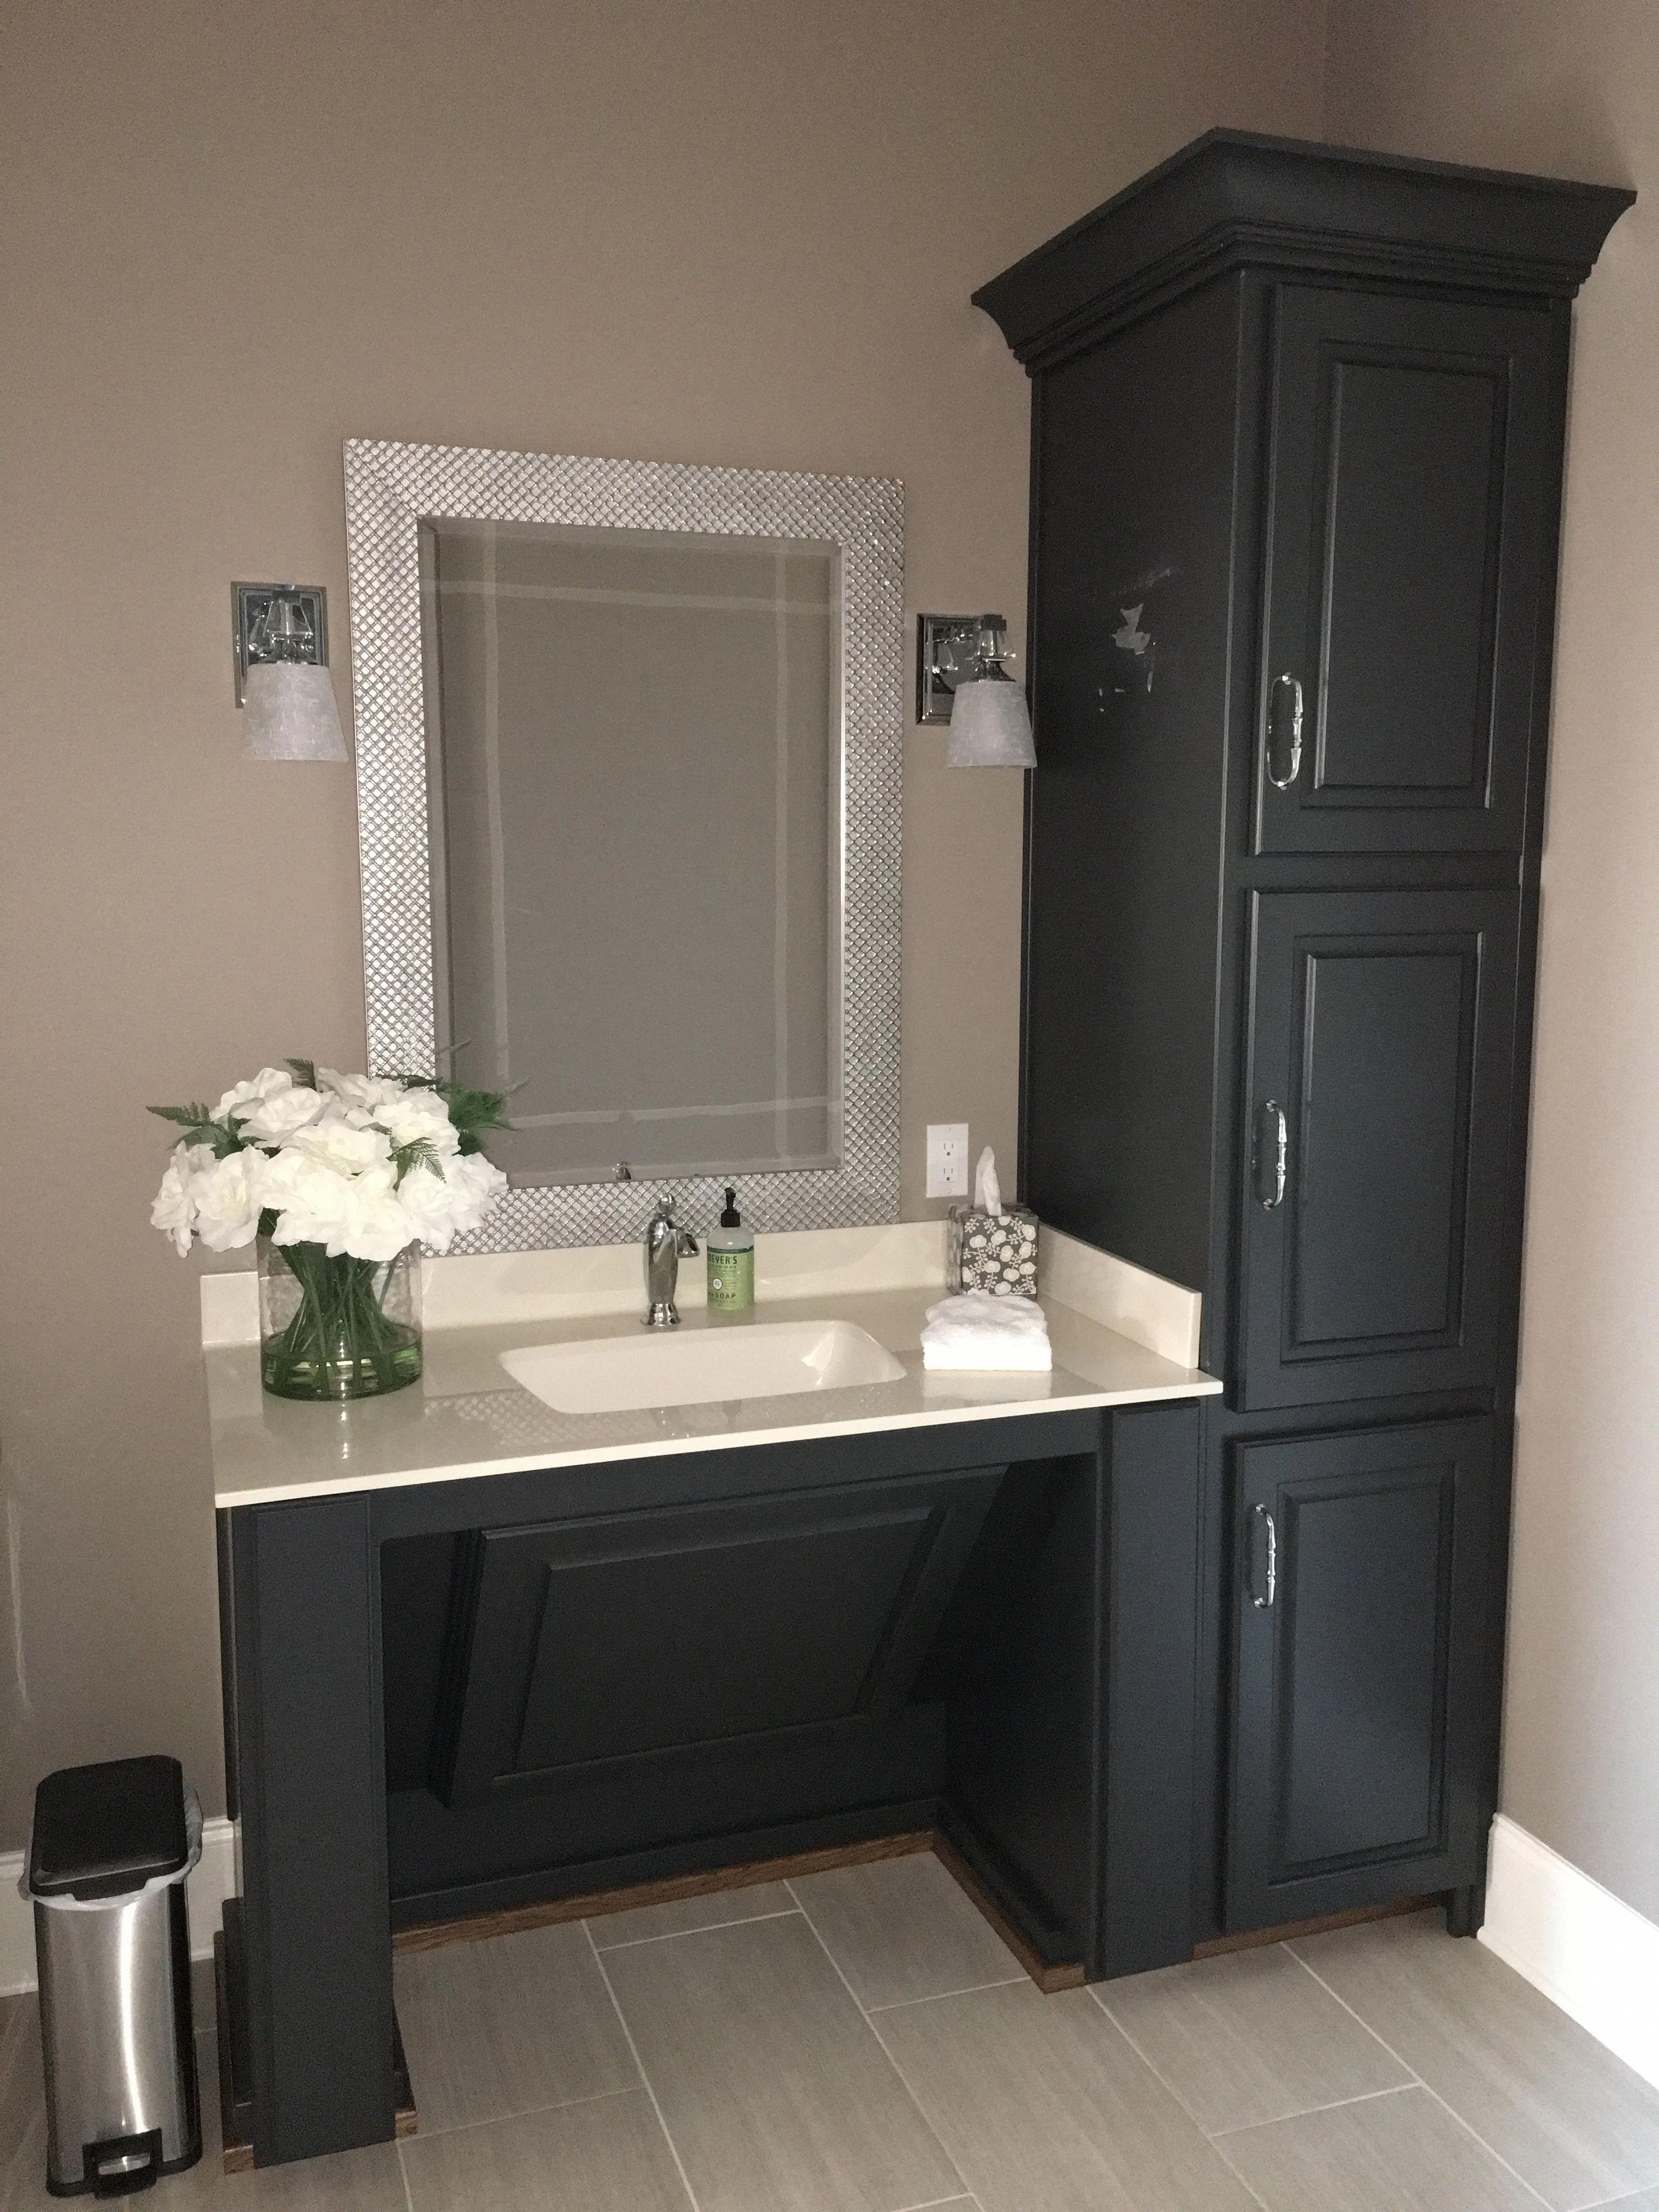 Luxury Vanities For Your Bathroom Doublevanitybathroomideas